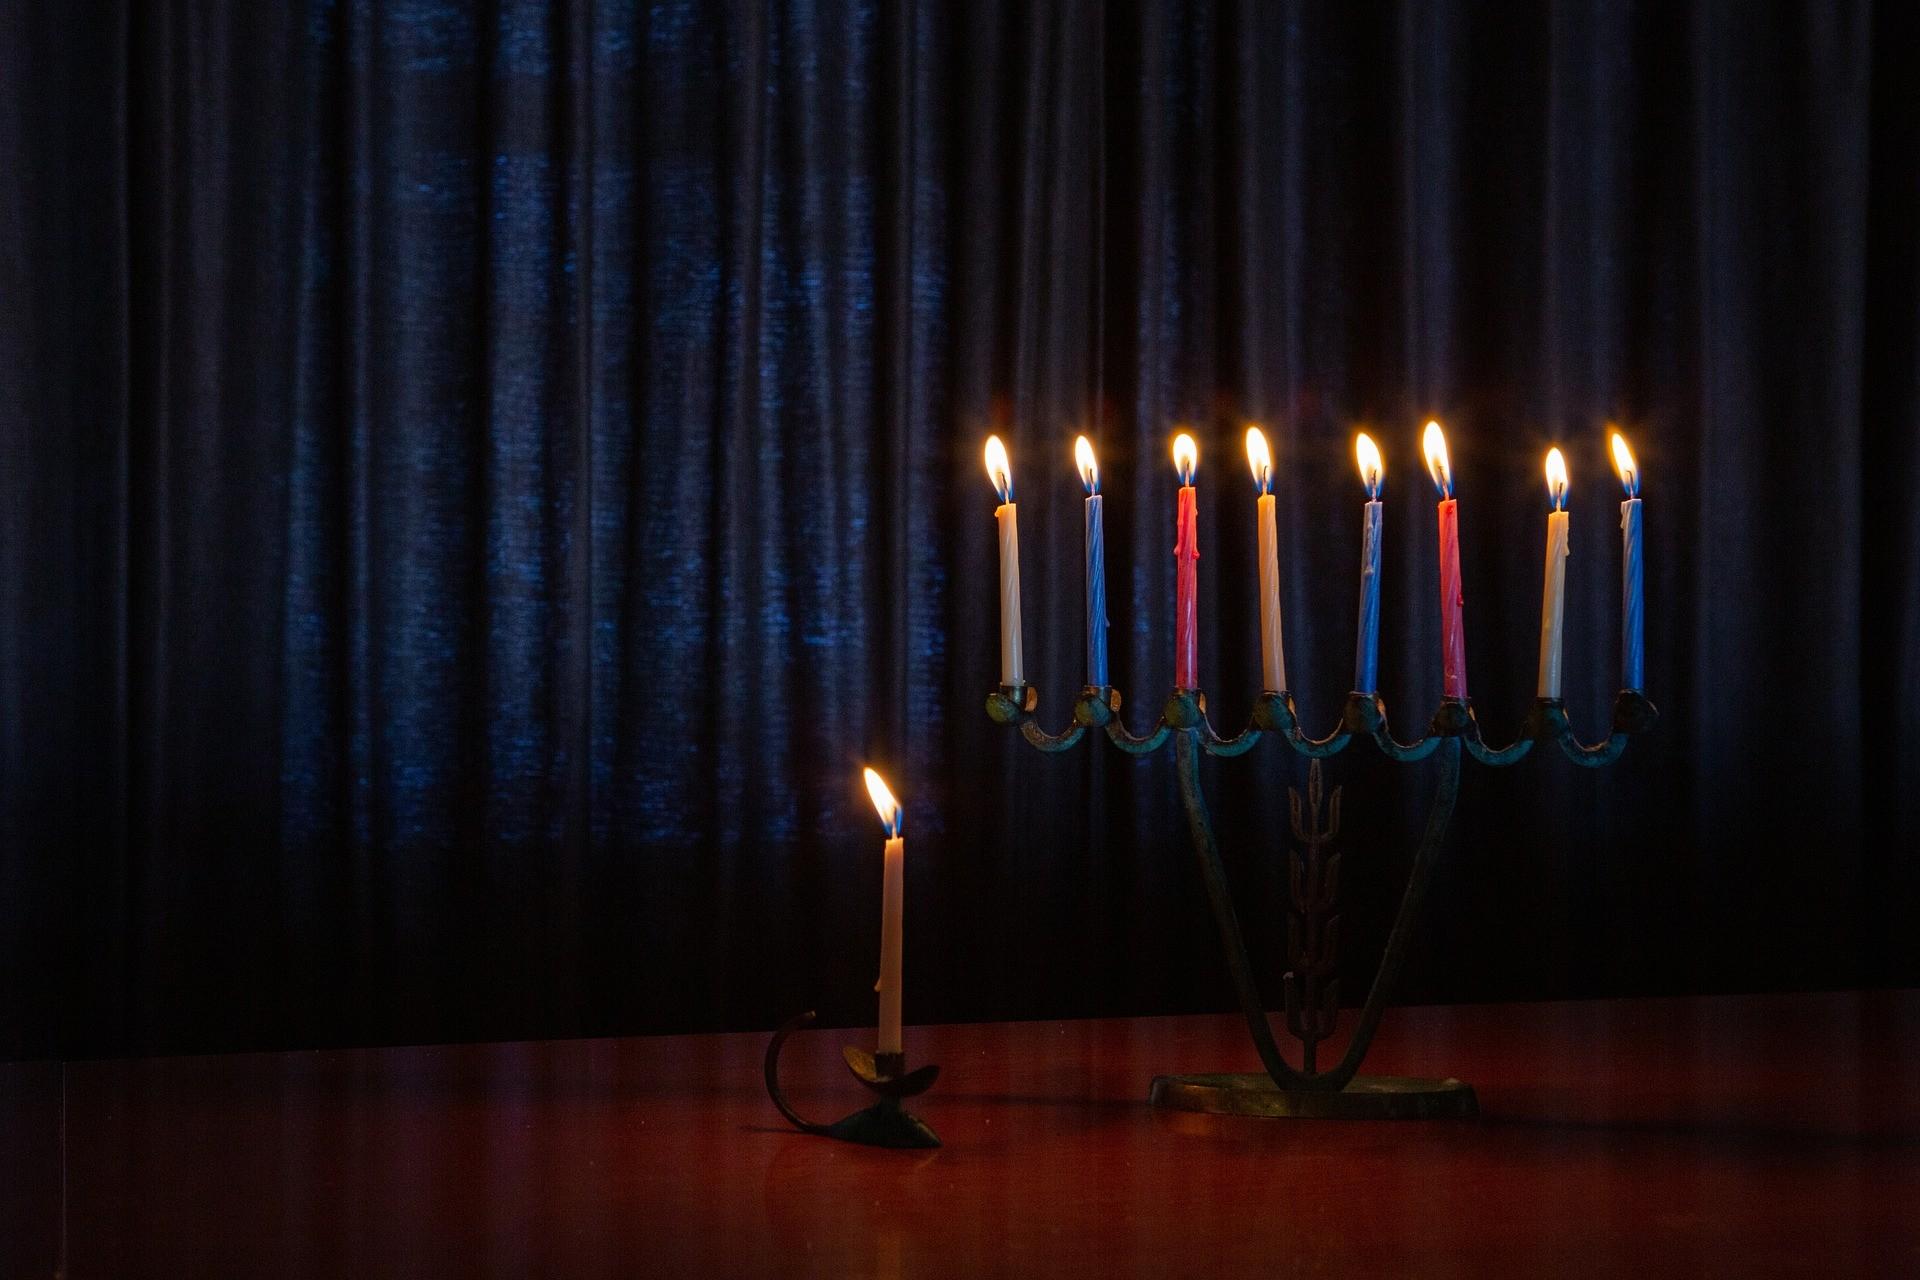 When does your family start preparing for Hannukah?